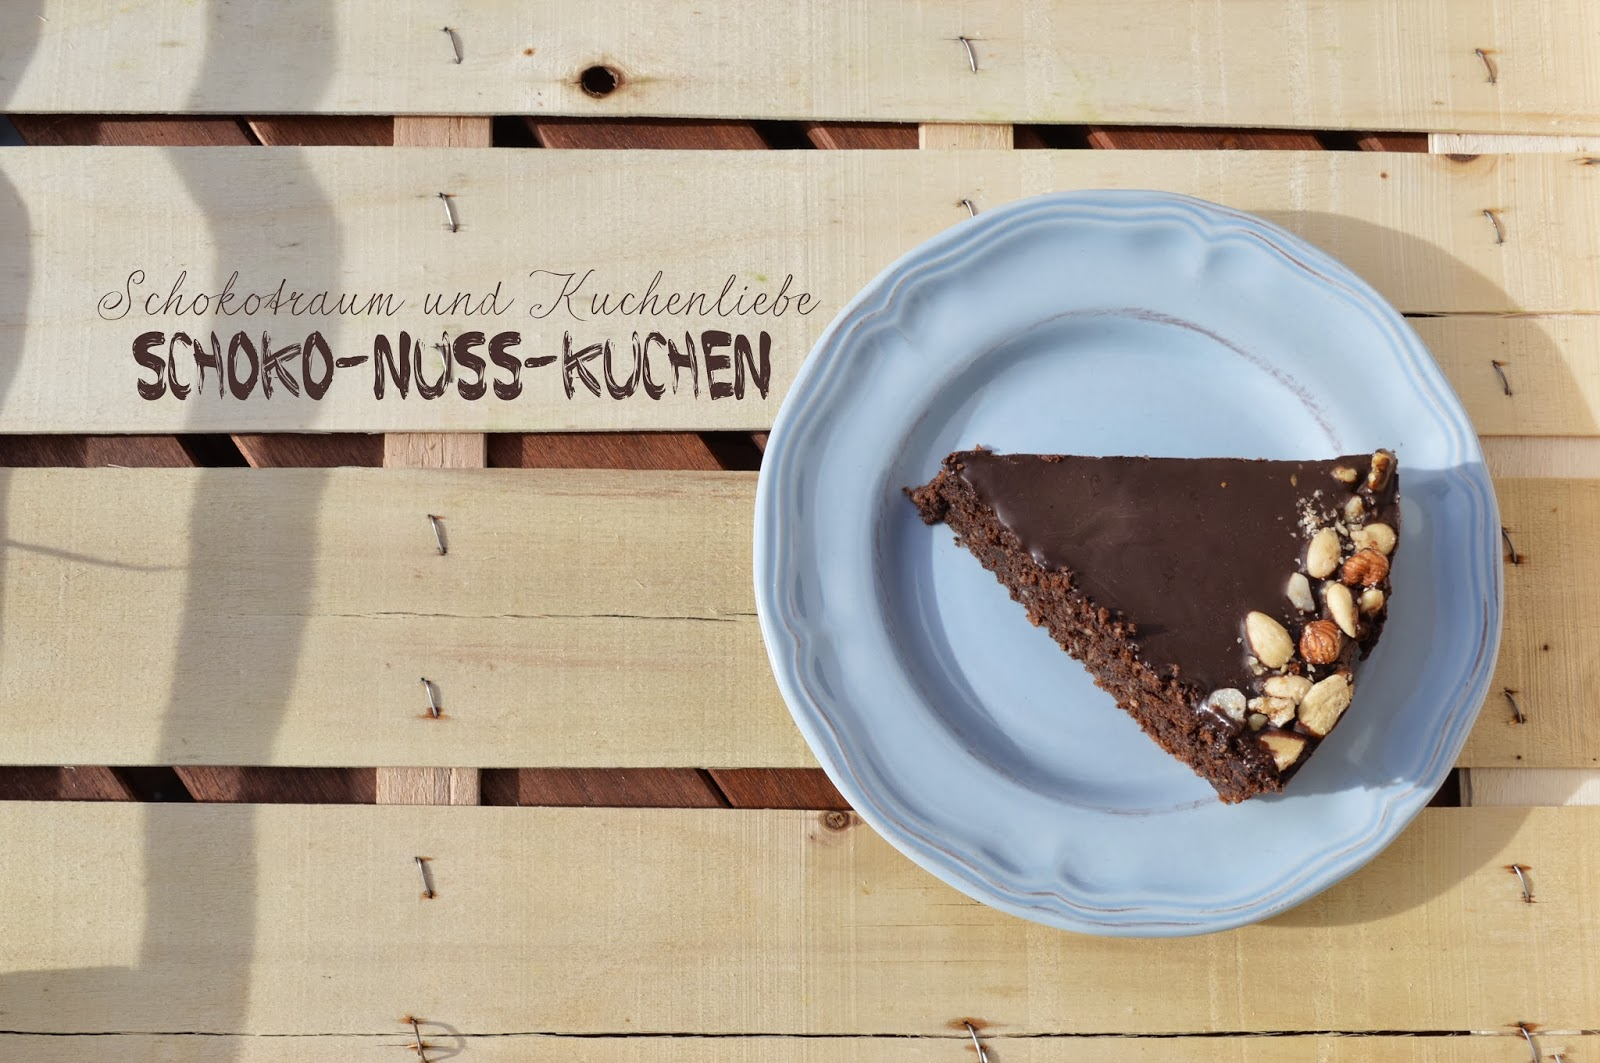 Chevre Culinaire Ein Schokotraum Schoki Nuss Kuchen Glutenfrei